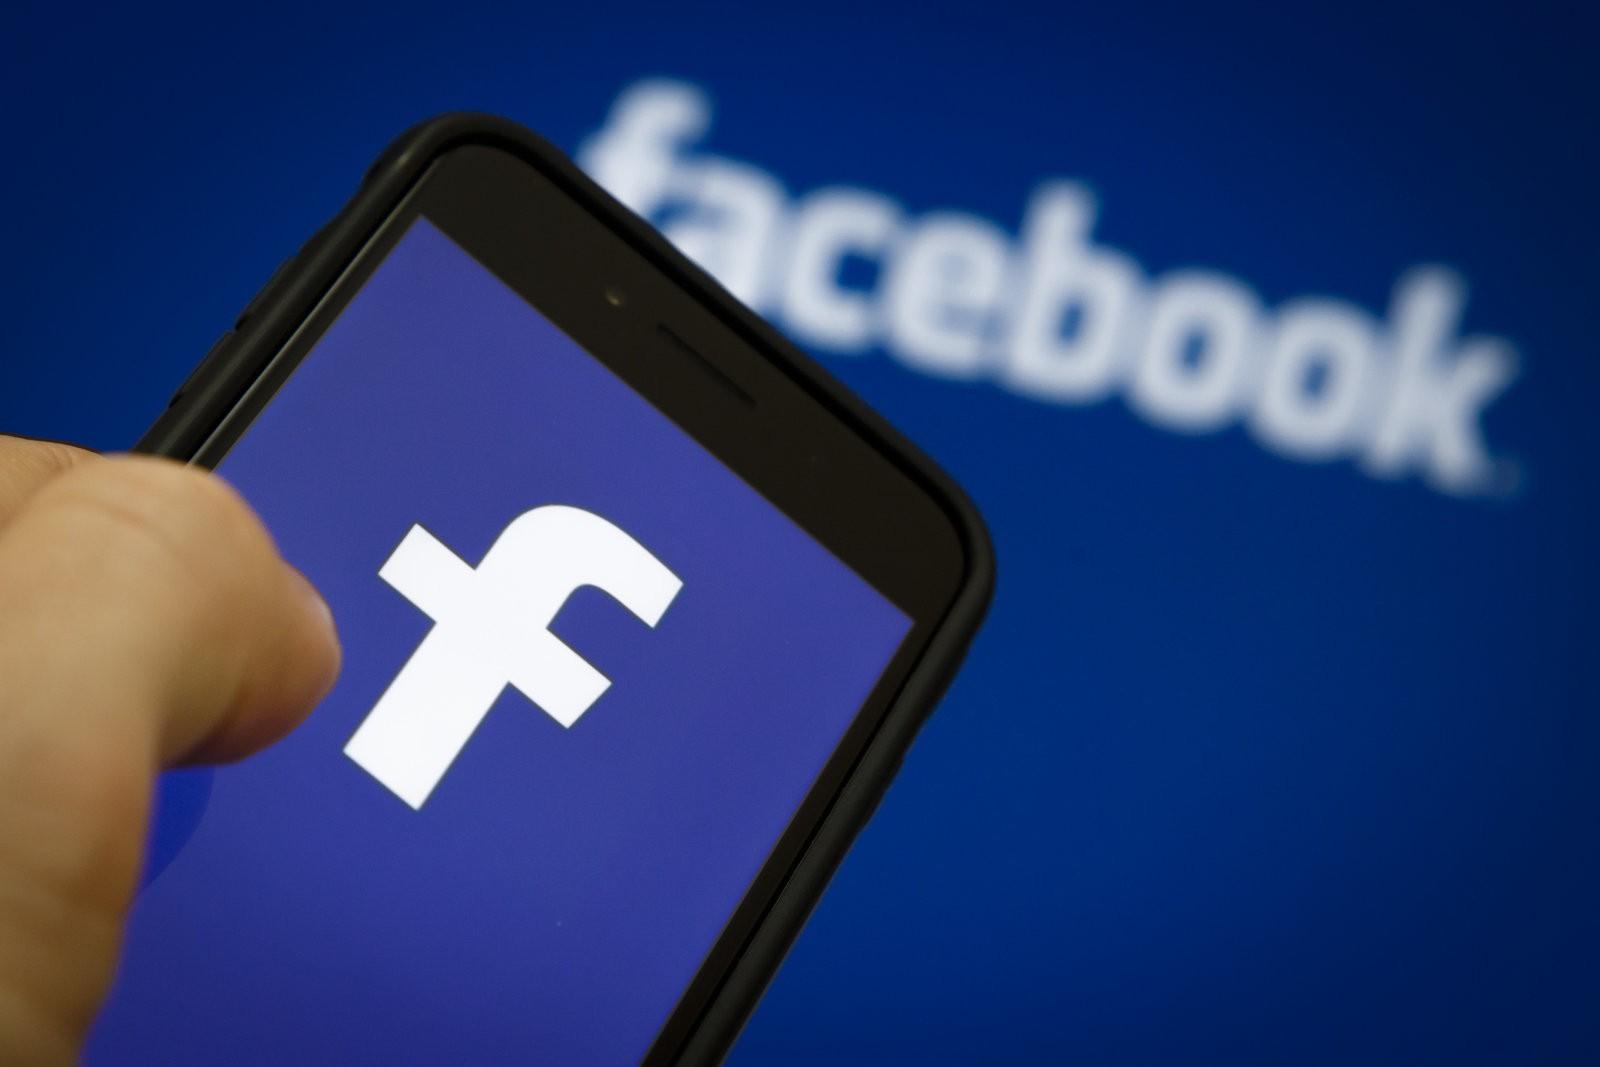 cach-lay-lai-facebook-bi-hack-moi-nhat-ma-nguoi-dung-co-the-thu-qua-1